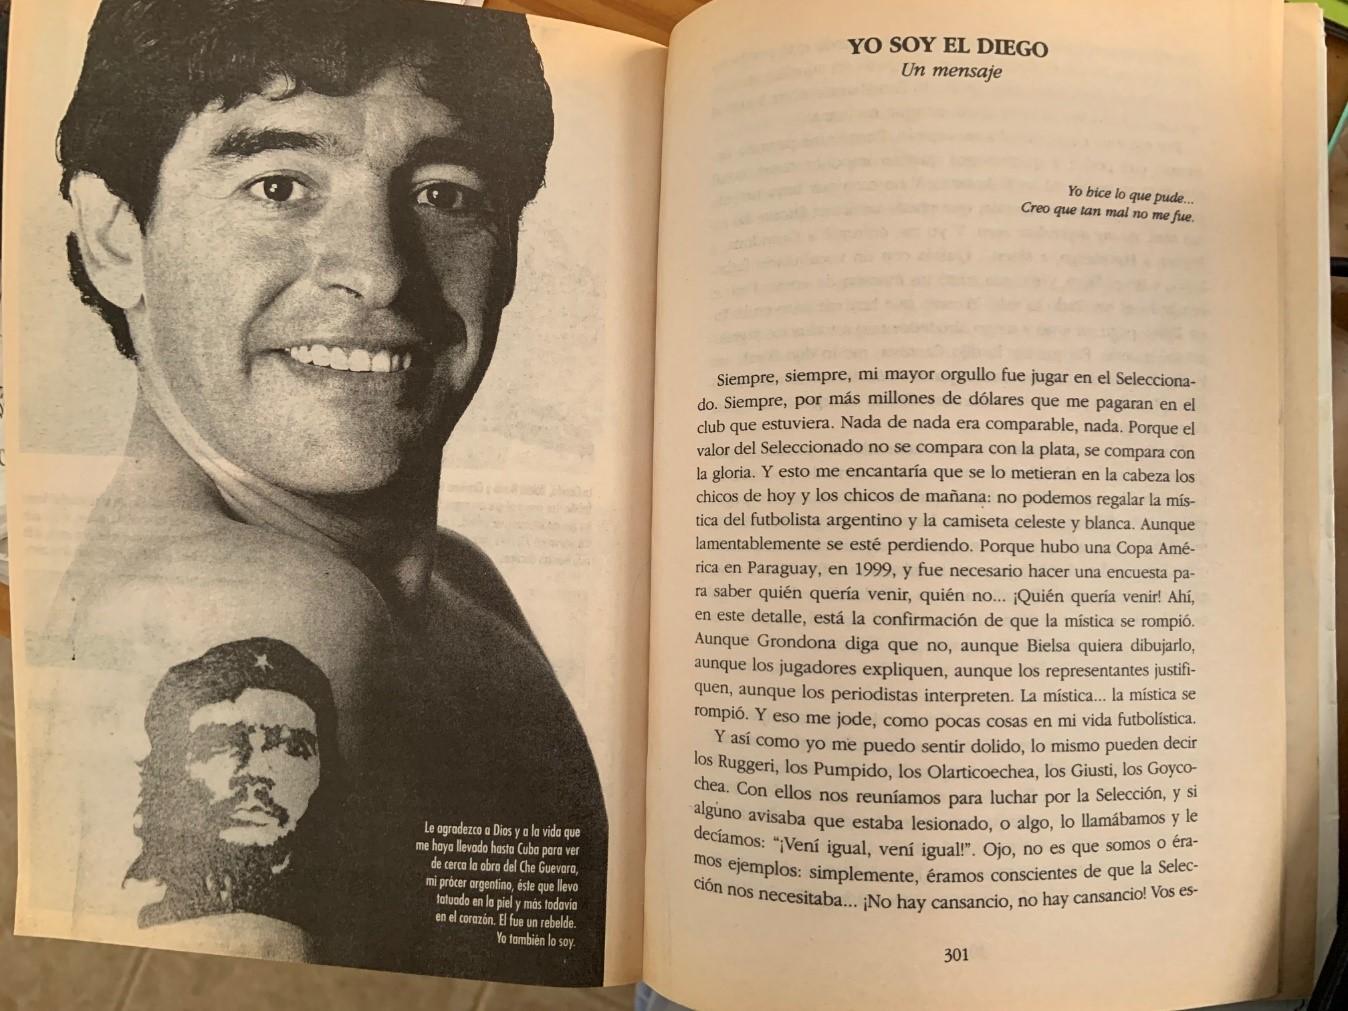 Murió Diego, el coraje, el varón del futbol. Leyenda de amor por su Argentina